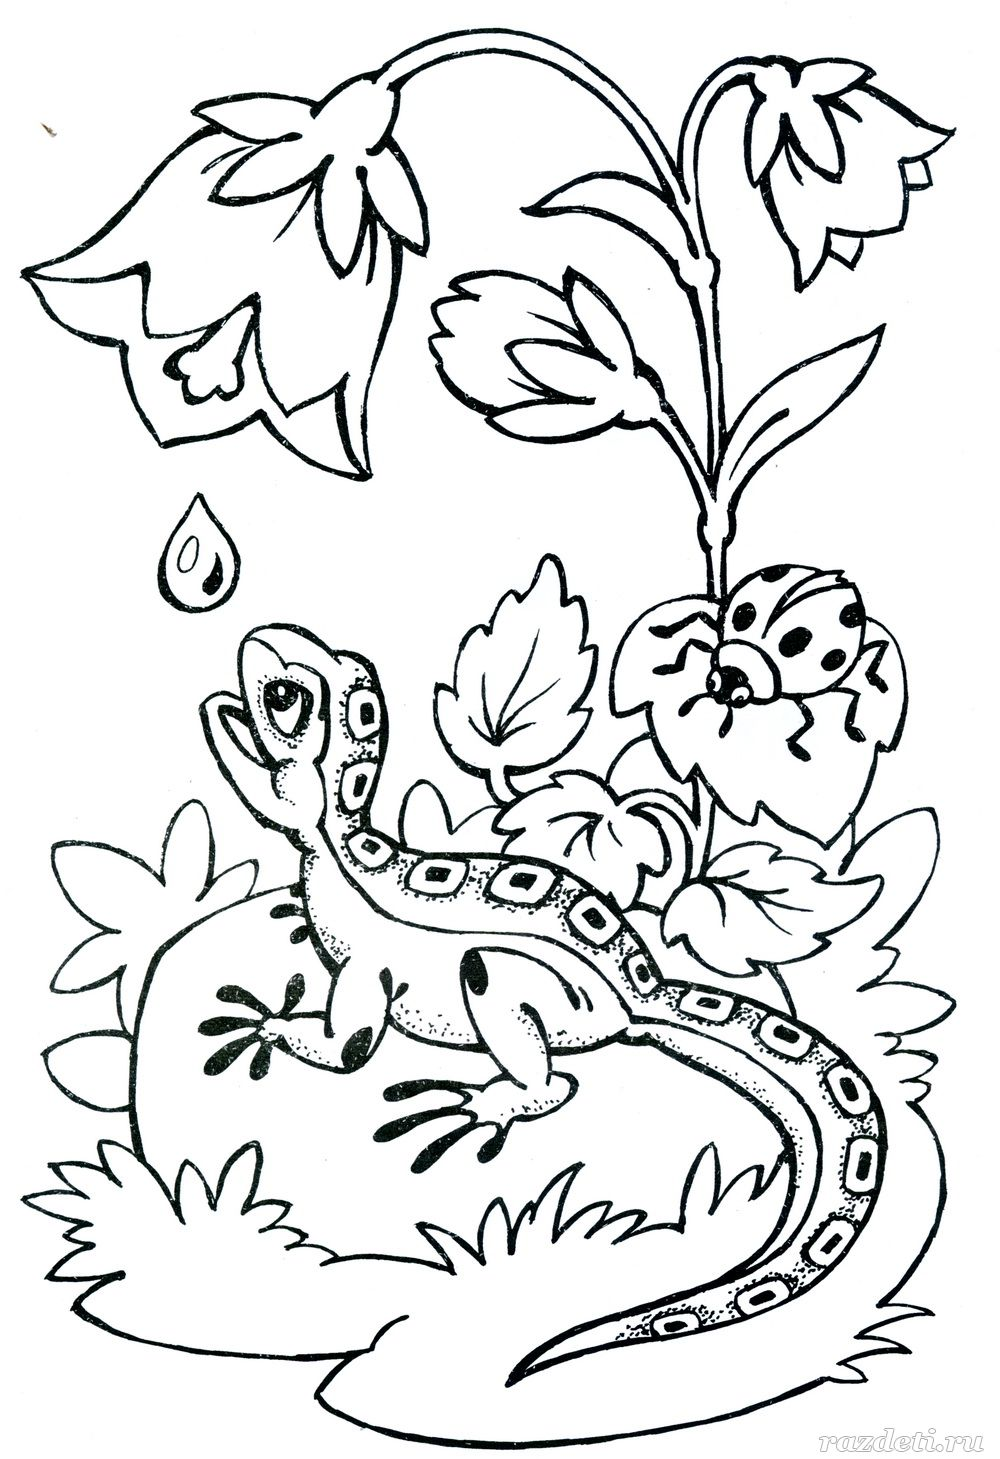 Фото лиса для детей